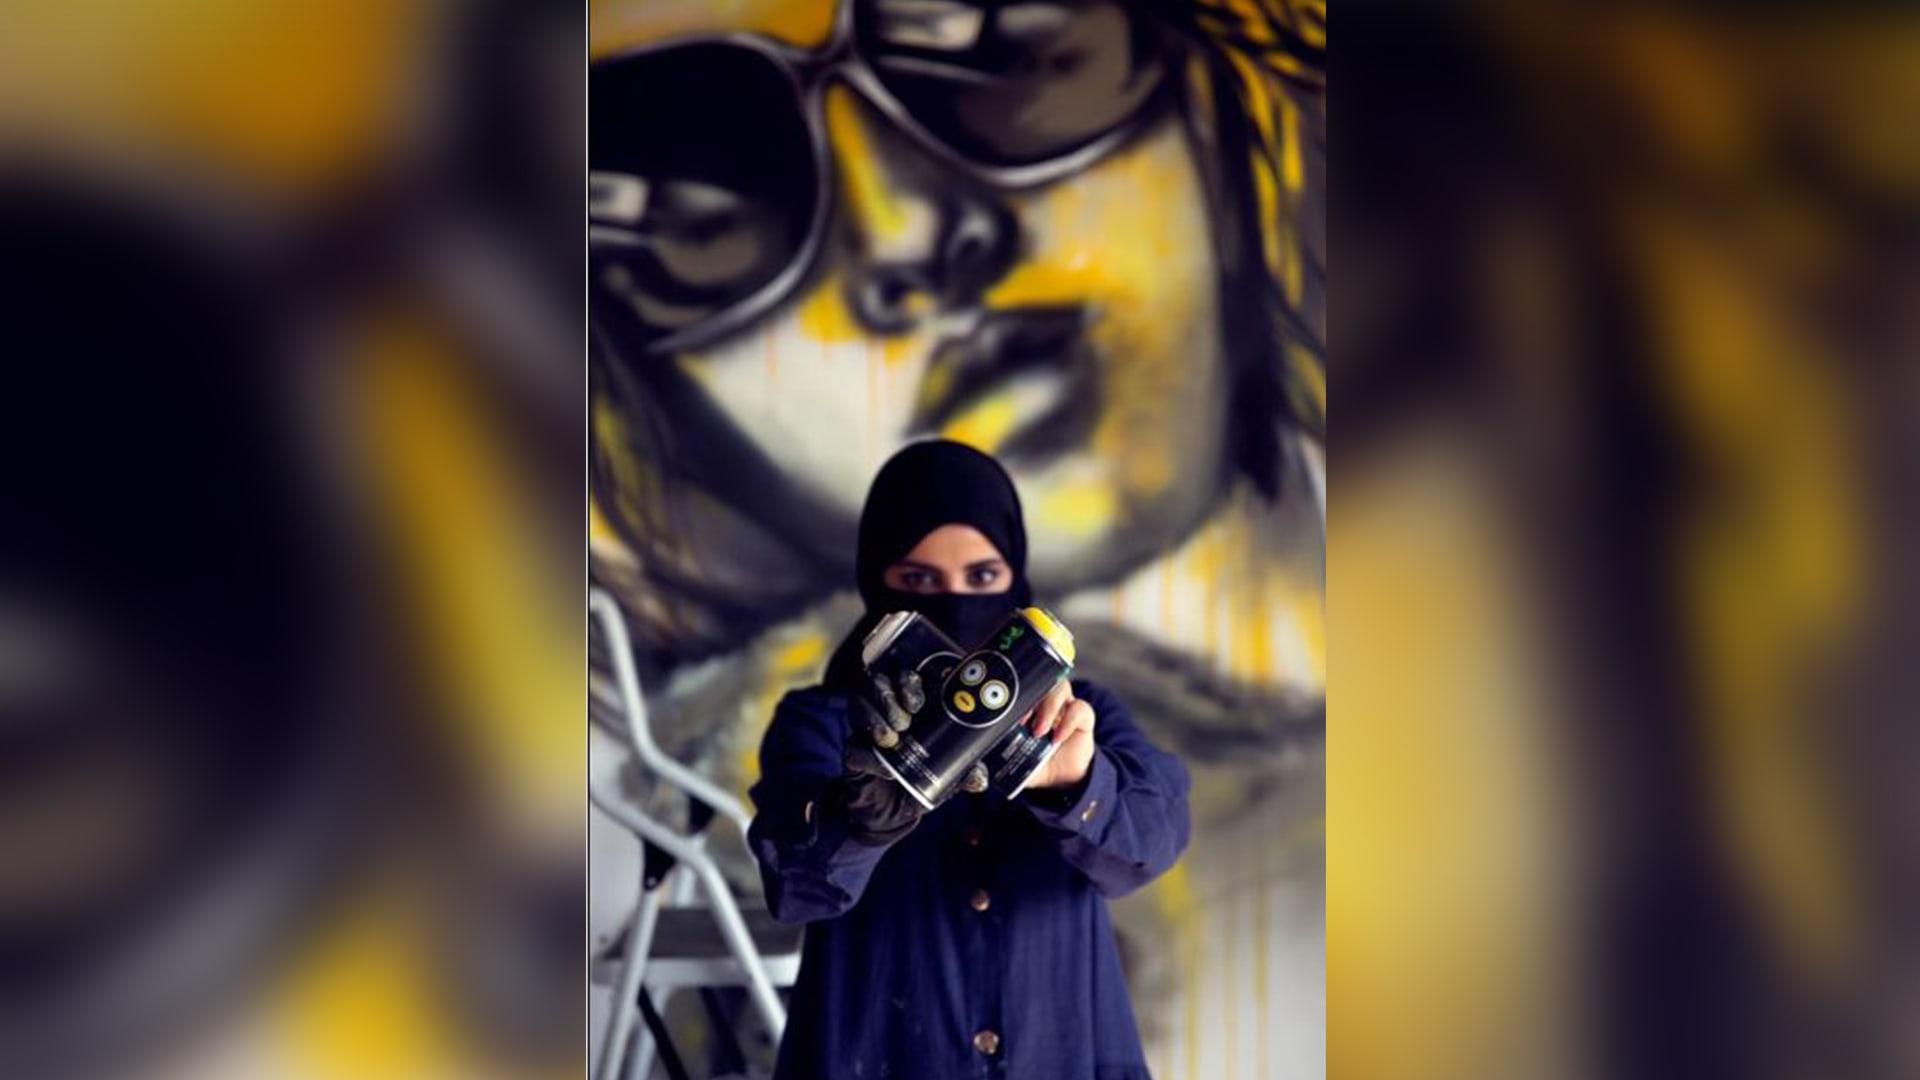 على جدران الرياض.. ما الذي تعكسه رسومات فنانة الغرافيتي السعودية؟